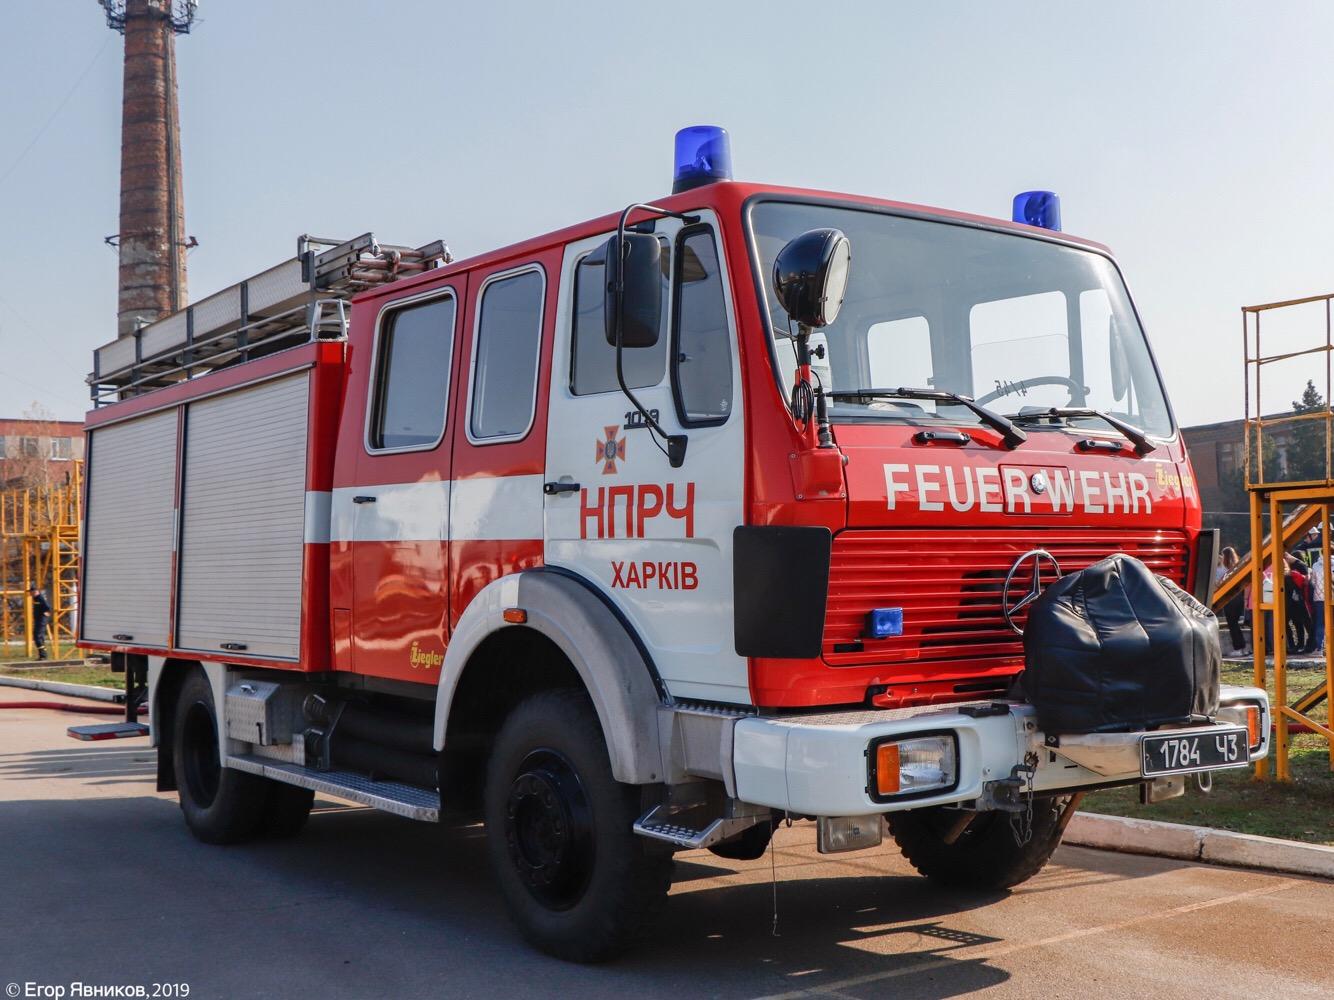 Автонасос LF-16-TS на шасси Mercedes-Benz 1019 AF, #1784Ч3. Харьковская область, г. Харьков, улица Баварская